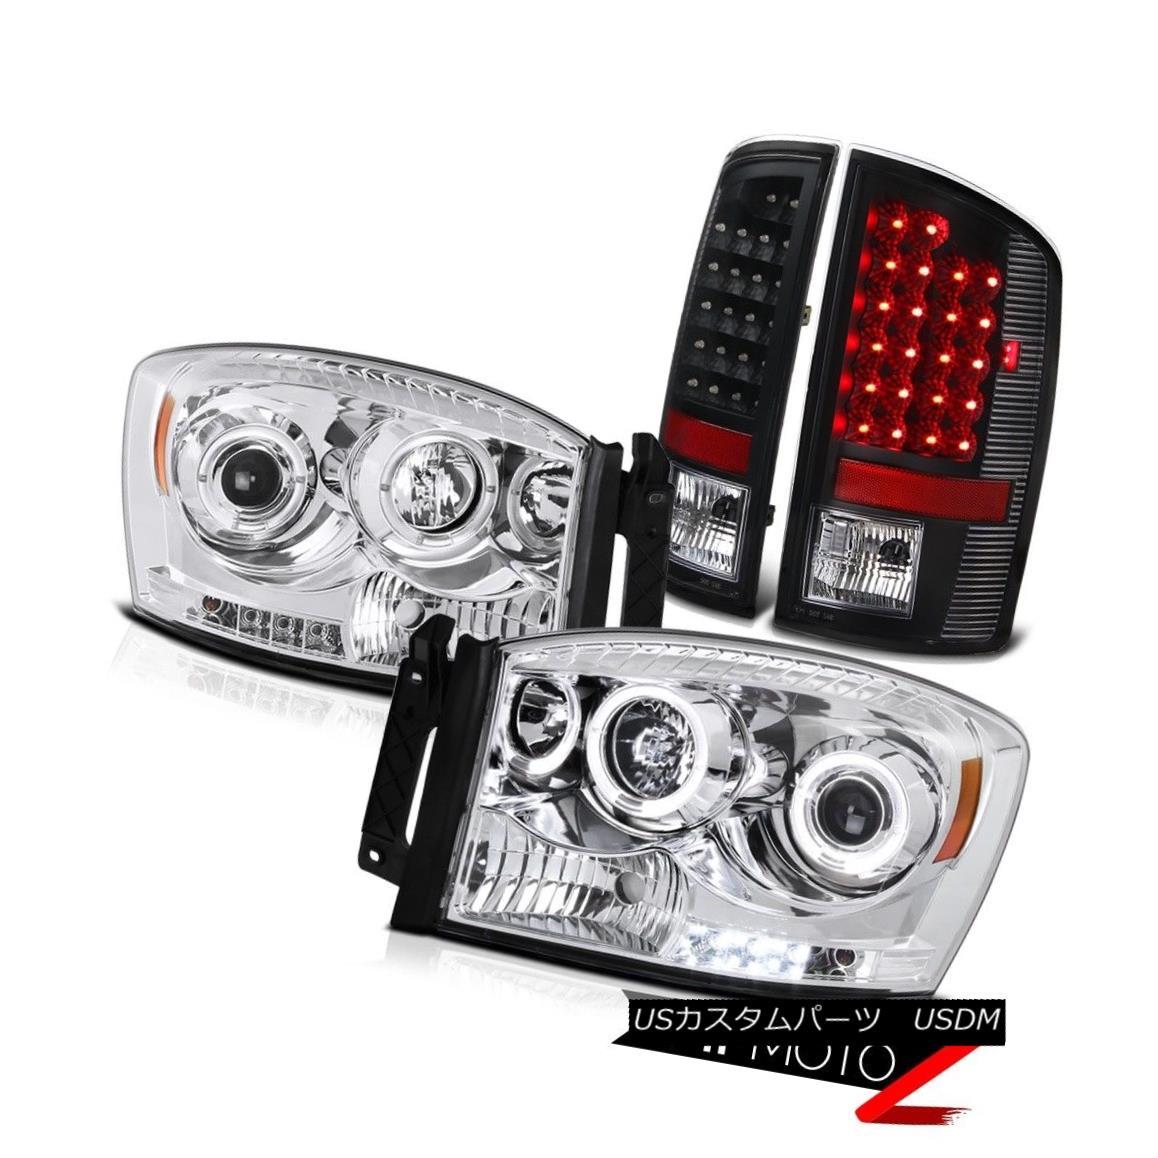 テールライト 2006 RAM 1500 Left+Right Euro HalO Projector Headlamp+Black LED Tail Brake Lamp 2006 RAM 1500左+右ユーロHalOプロジェクターヘッドランプ+黒LEDテールブレーキランプ